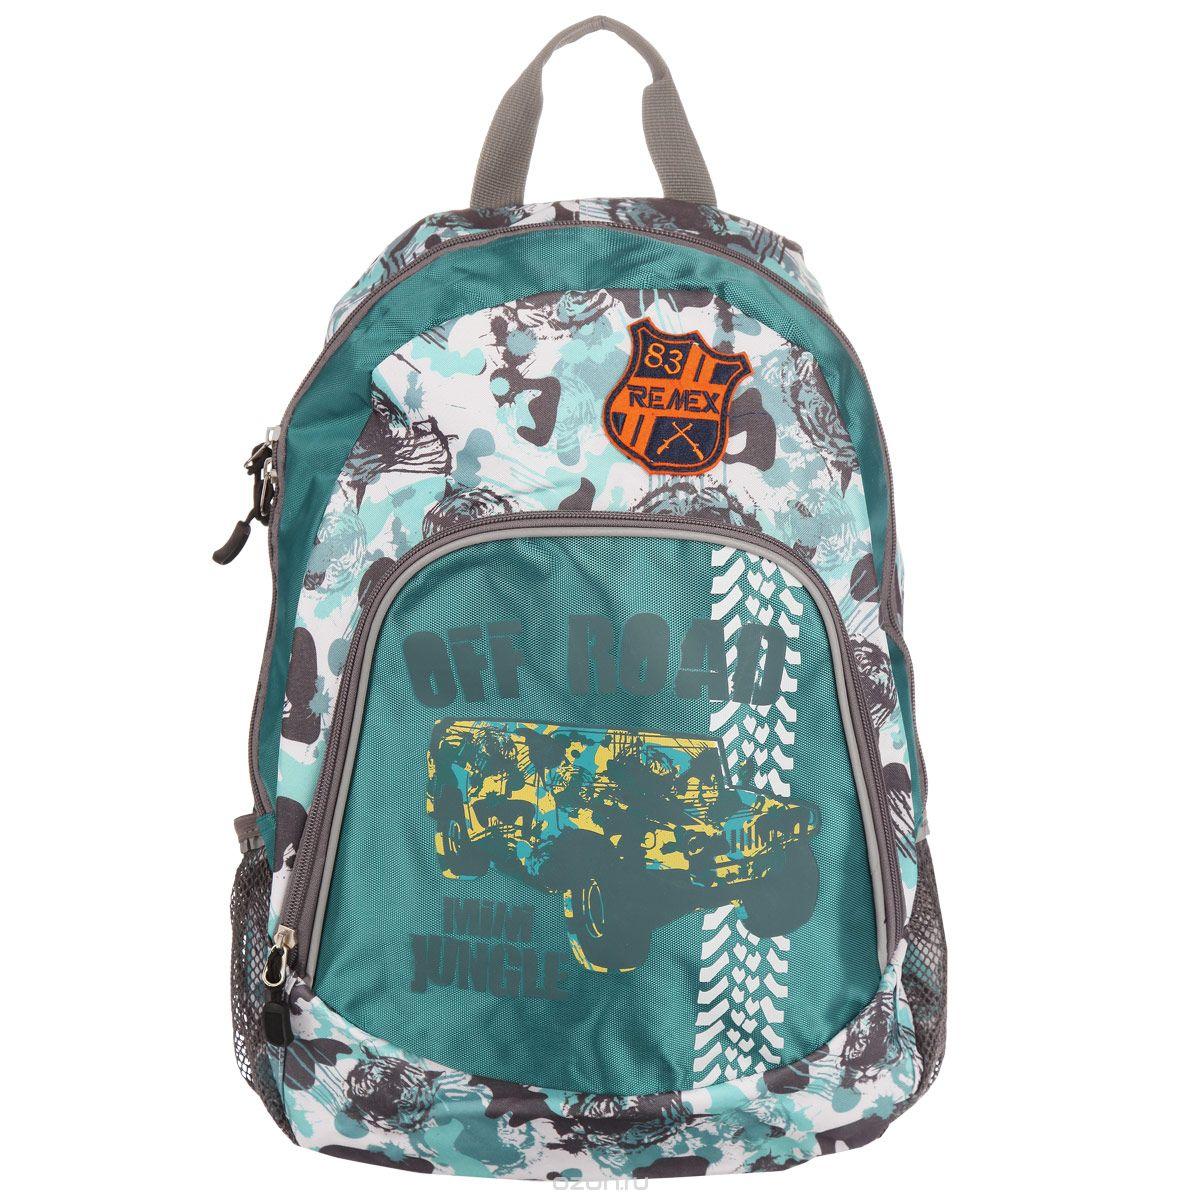 Рюкзак подростковый Centrum Off Road, цвет: зеленый, белый, серый85328Оригинальный подростковый Centrum Off Roadстанет незаменимым помощником вашему ребенку, а яркий дизайн доставит много удовольствия. Рюкзак имеет круглую форму и дополнен пришитой эмблемой Remex. Он выполнен из плотного полиэстера ярких цветов. Внутри состоит из одного вместительного отделения и закрывается на застежку-молнию с двумя бегунками. На лицевой стороне рюкзак дополнен большим накладным карманом на змейке. Внутри кармана имеются два открытых накладных кармашка для мелочей и три отделения для пишущих принадлежностей. По бокам изделия имеются два накладных открытых сетчатых кармашка. Рюкзак оснащен двумя регулируемыми лямками и удобной ручкой, выполненными из плотного полиэстера. Такой школьный рюкзак станет незаменимым спутником вашего ребенка в походах за знаниями.